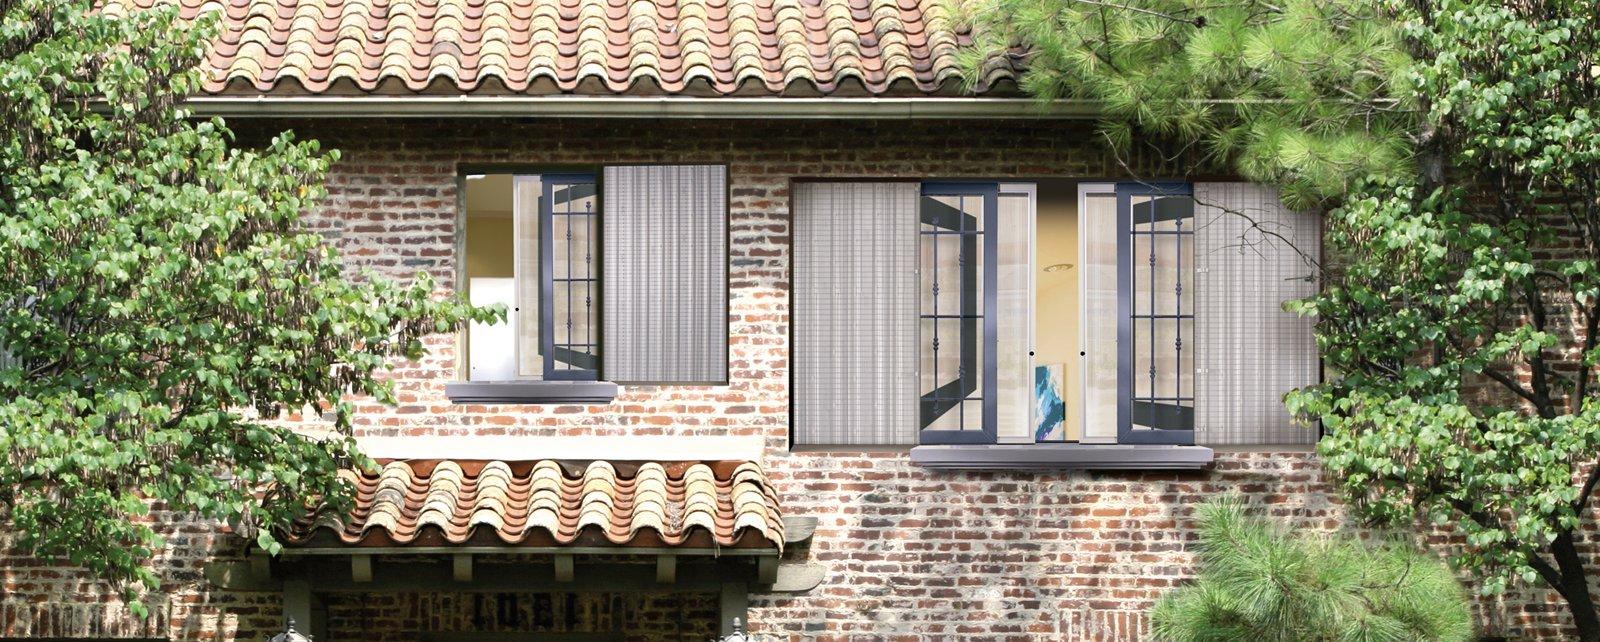 Tapparelle persiane e inferriate per aperture pi sicure cose di casa - Inferriate mobili per finestre ...